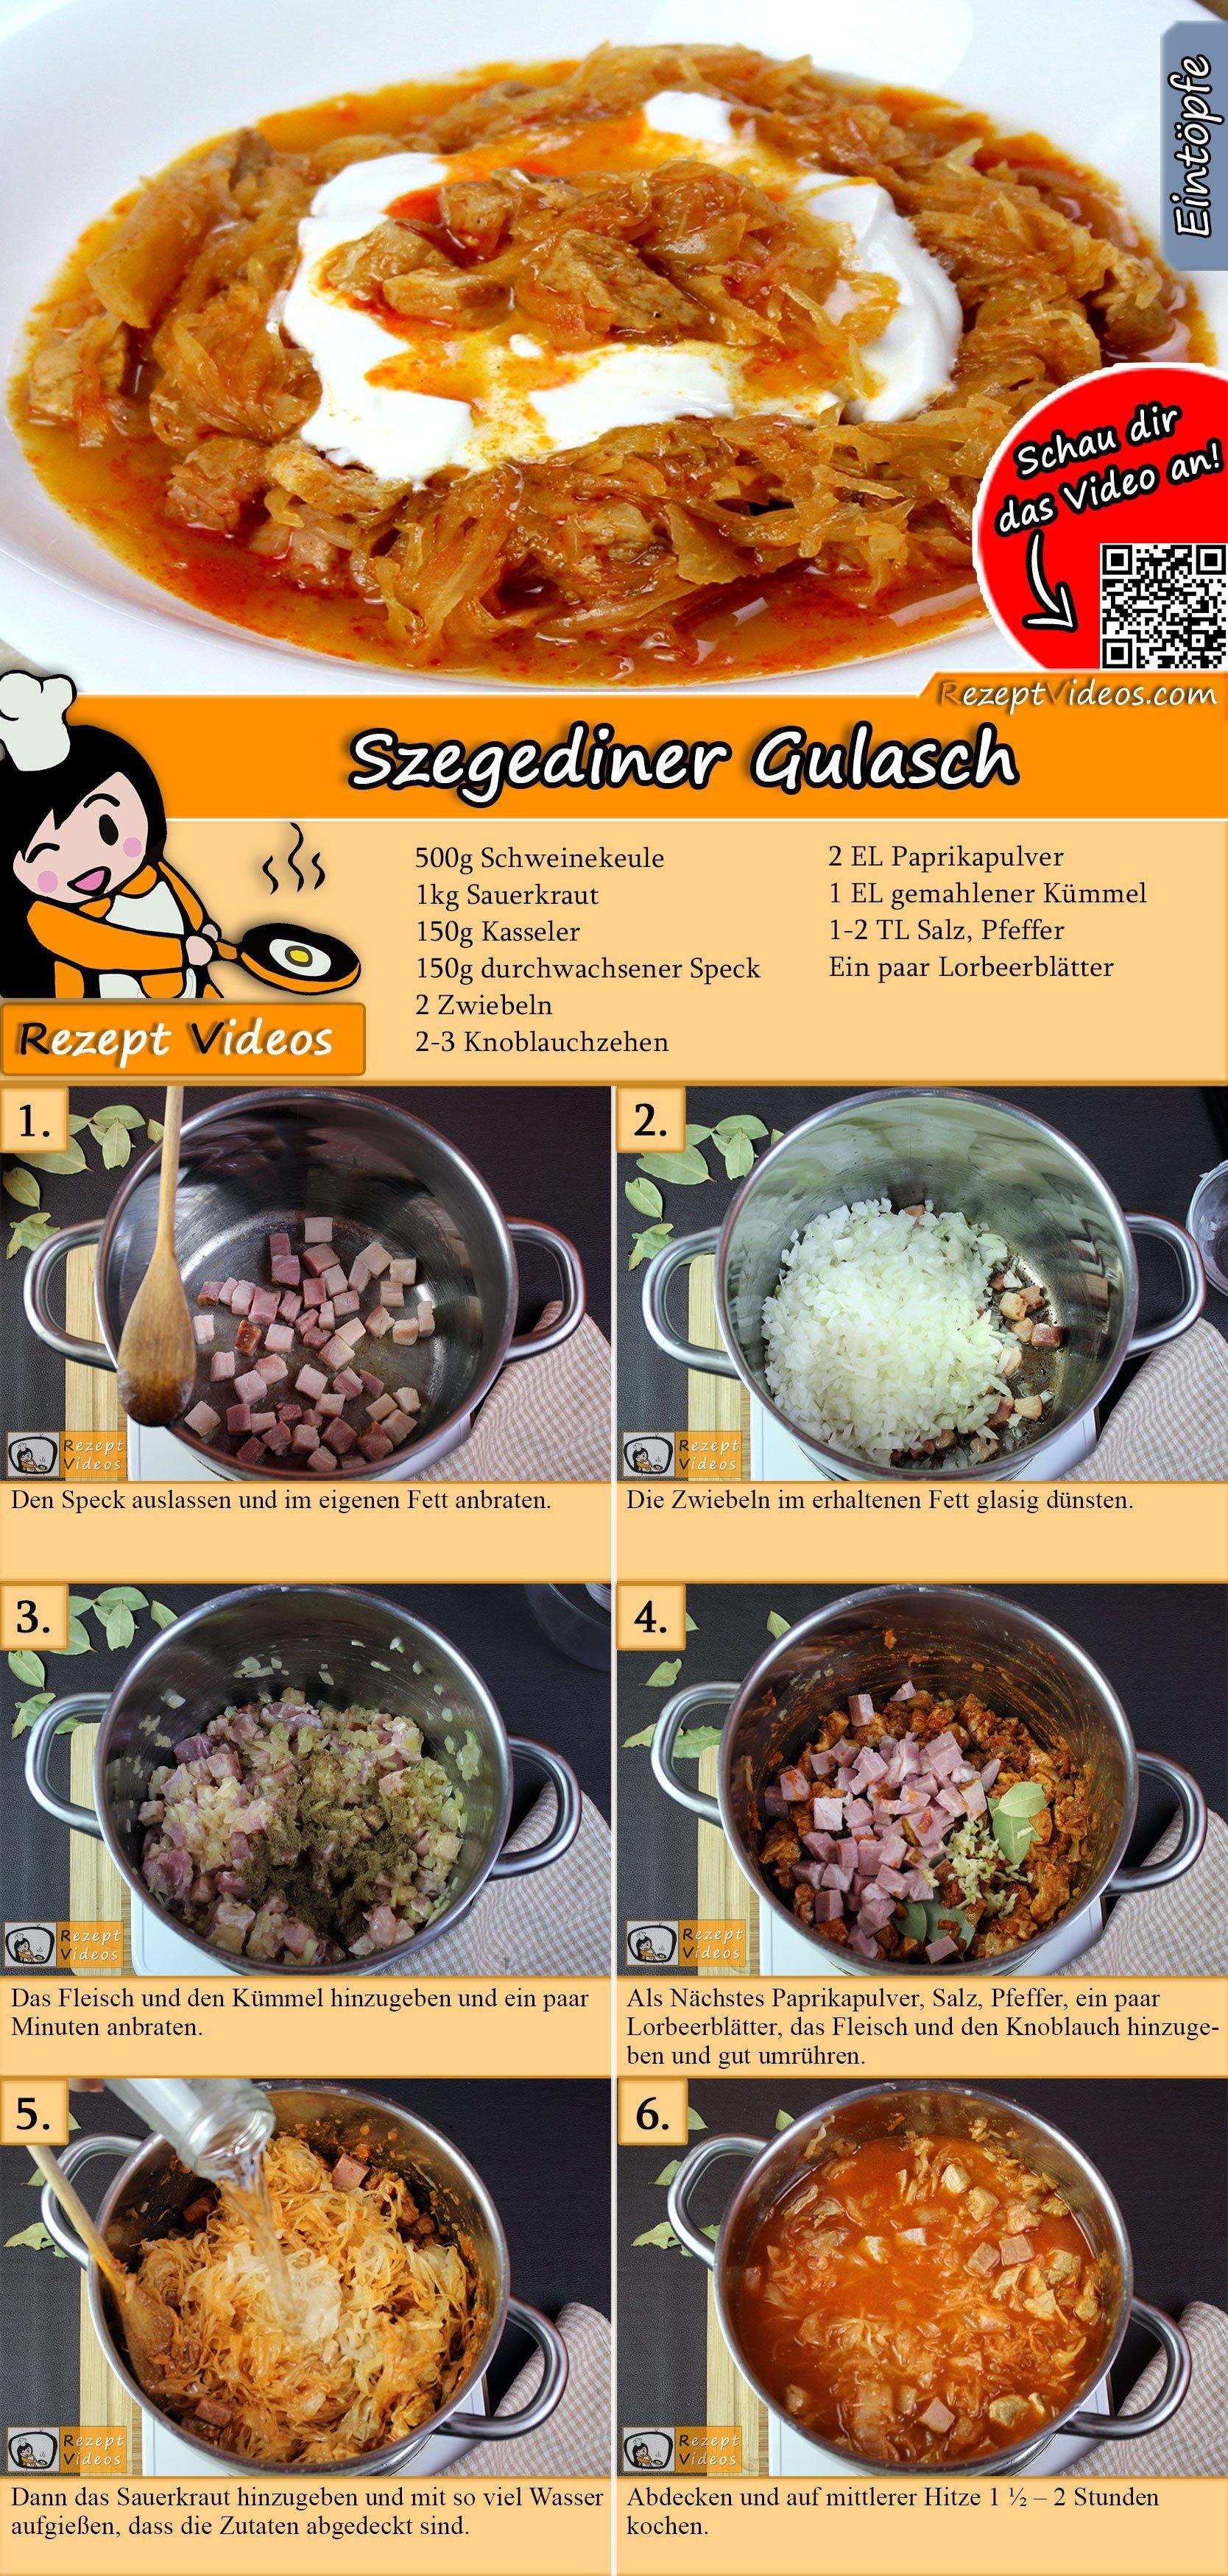 Szegediner Gulasch Rezept mit Video - Gulasch Rezept/ Hauptgerichte